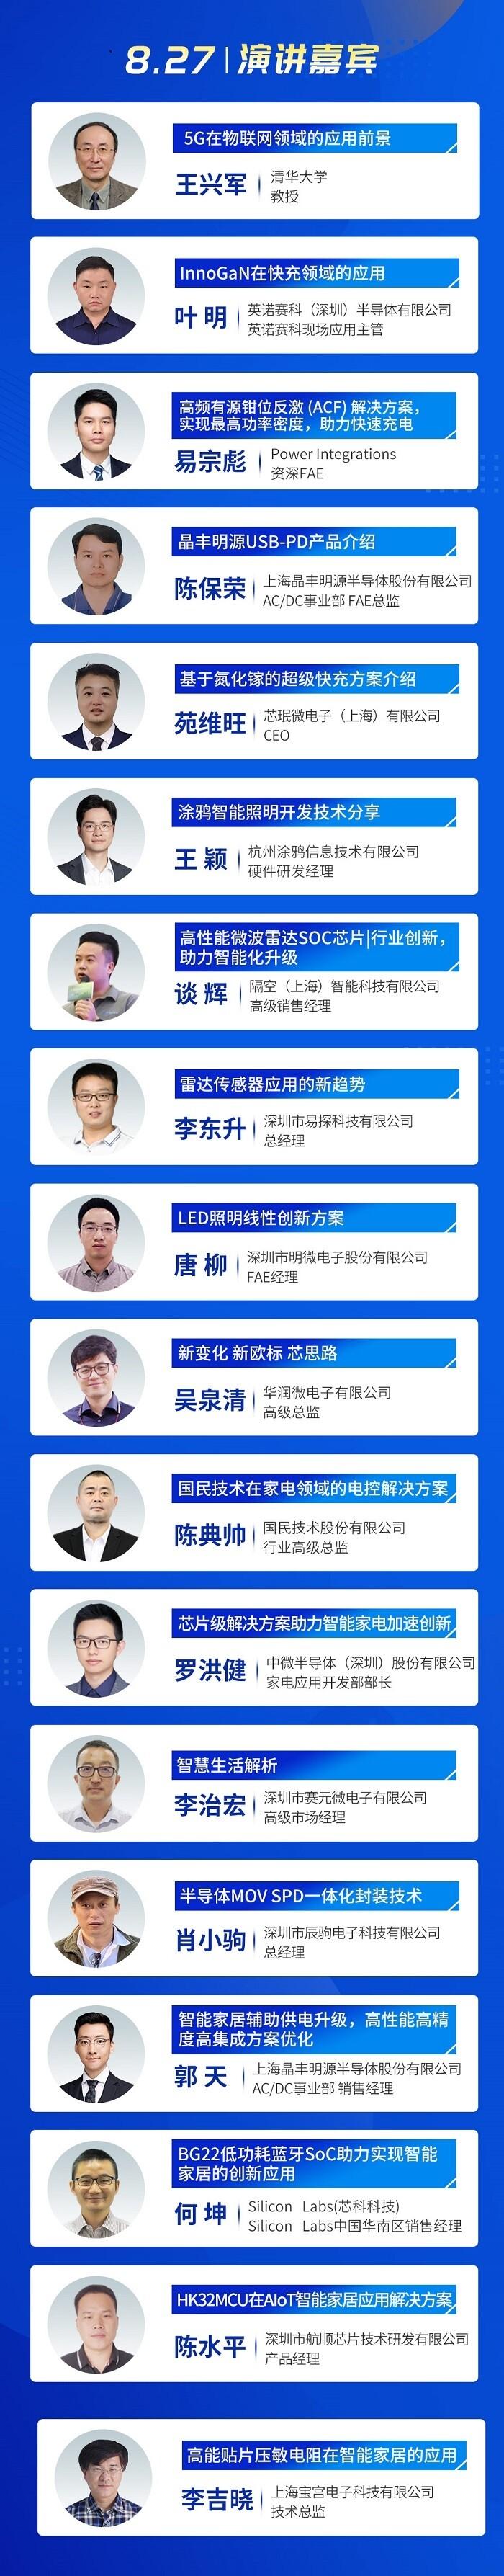 中国电子热点解决方案峰会|40+专家共话5G锂电池/超充/AIoT与智能家居